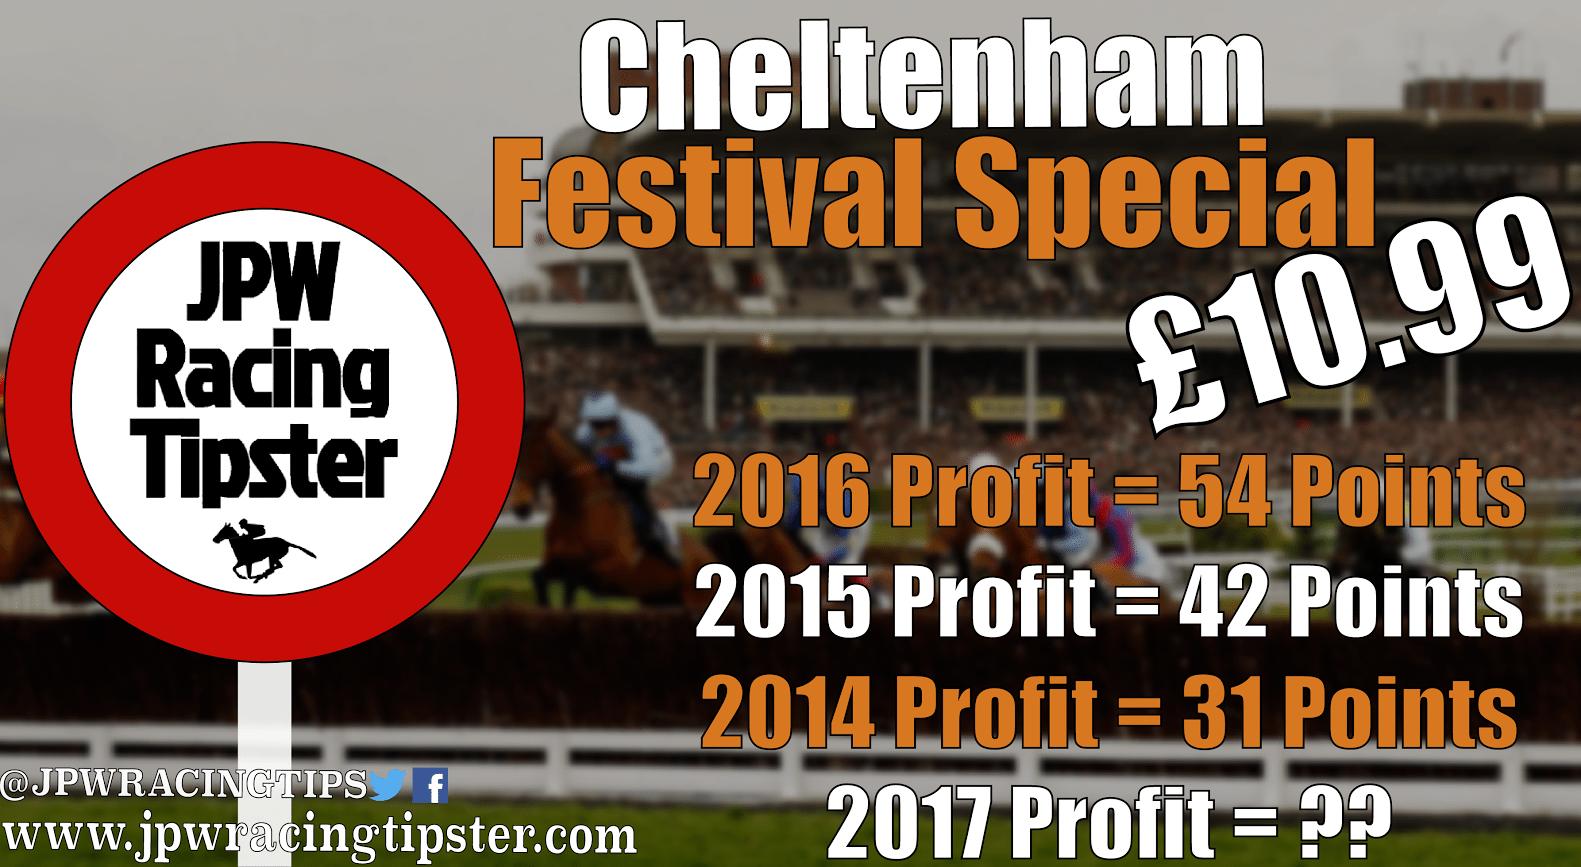 JPW Racing Tipster - Cheltenham 2017